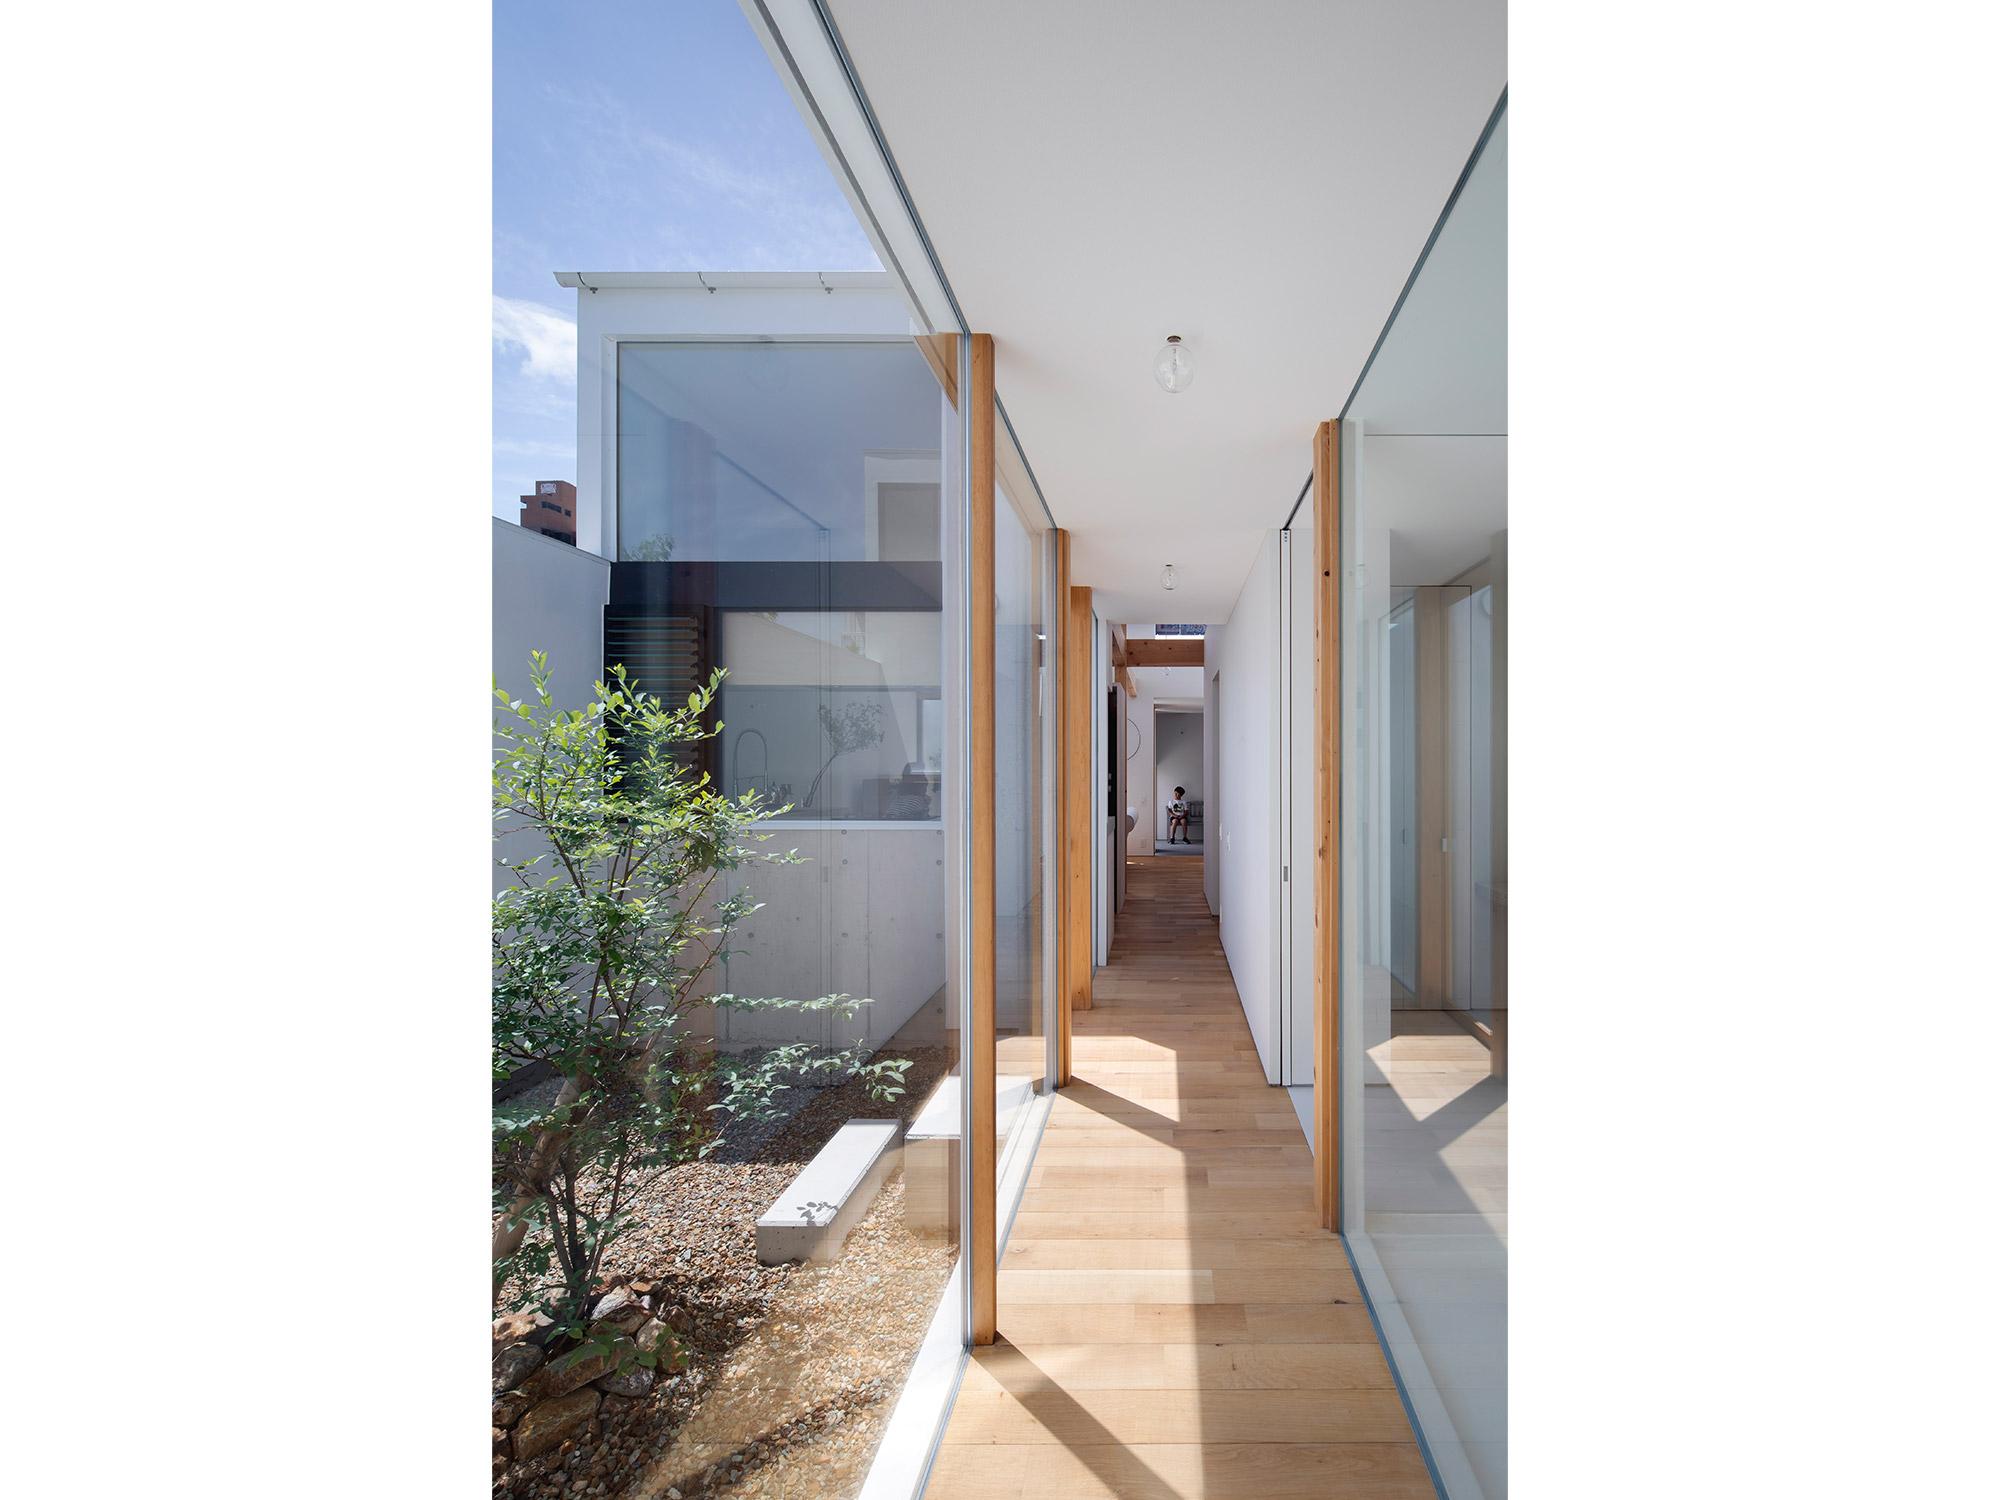 光の通う家11|名古屋市|Natureスペース施工事例